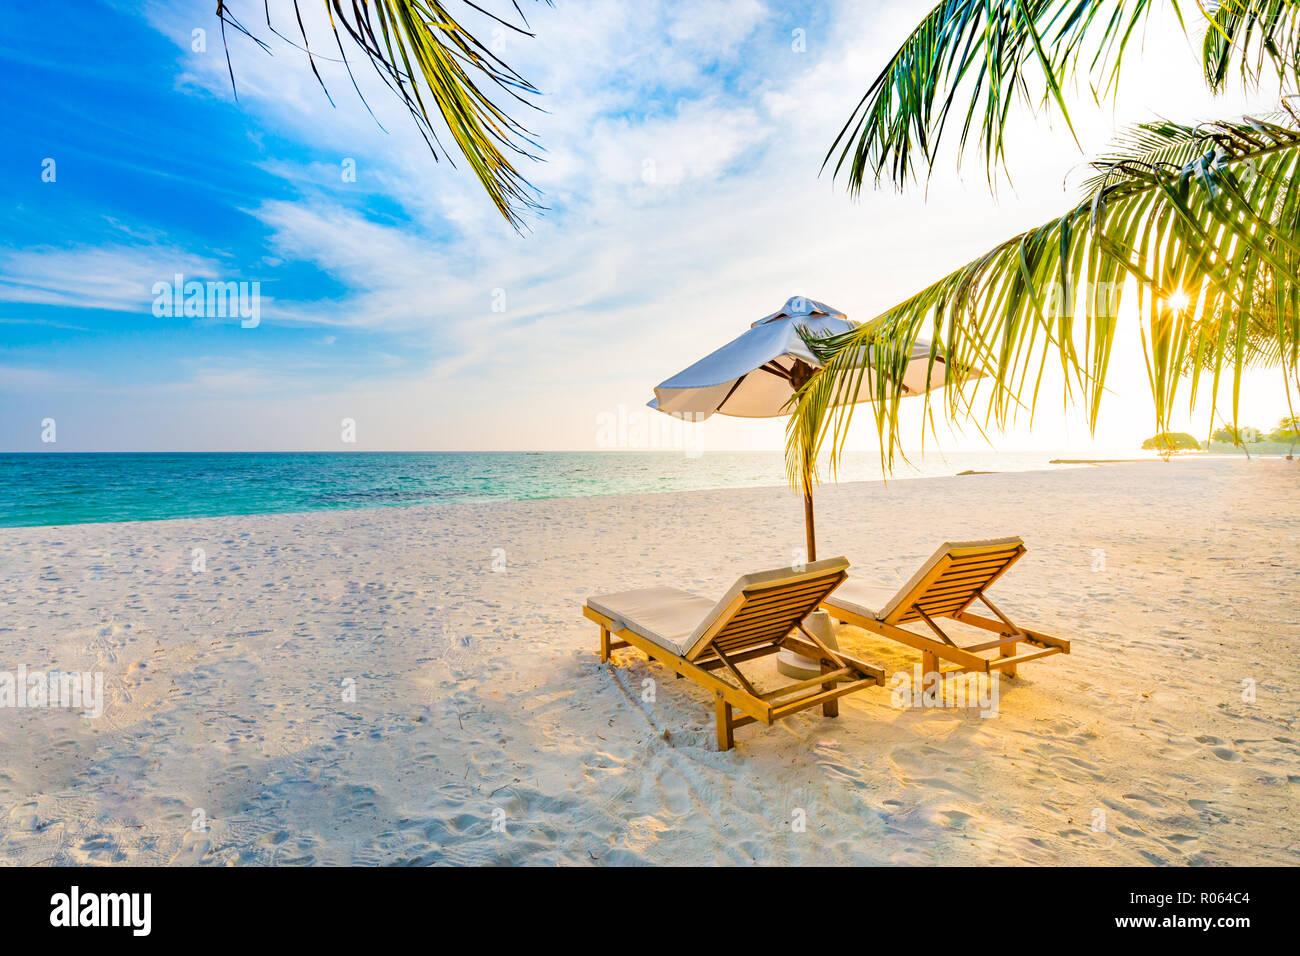 Tropical Beach Sunset Sfondo Il Paesaggio Estivo Con Sedie A Sdraio